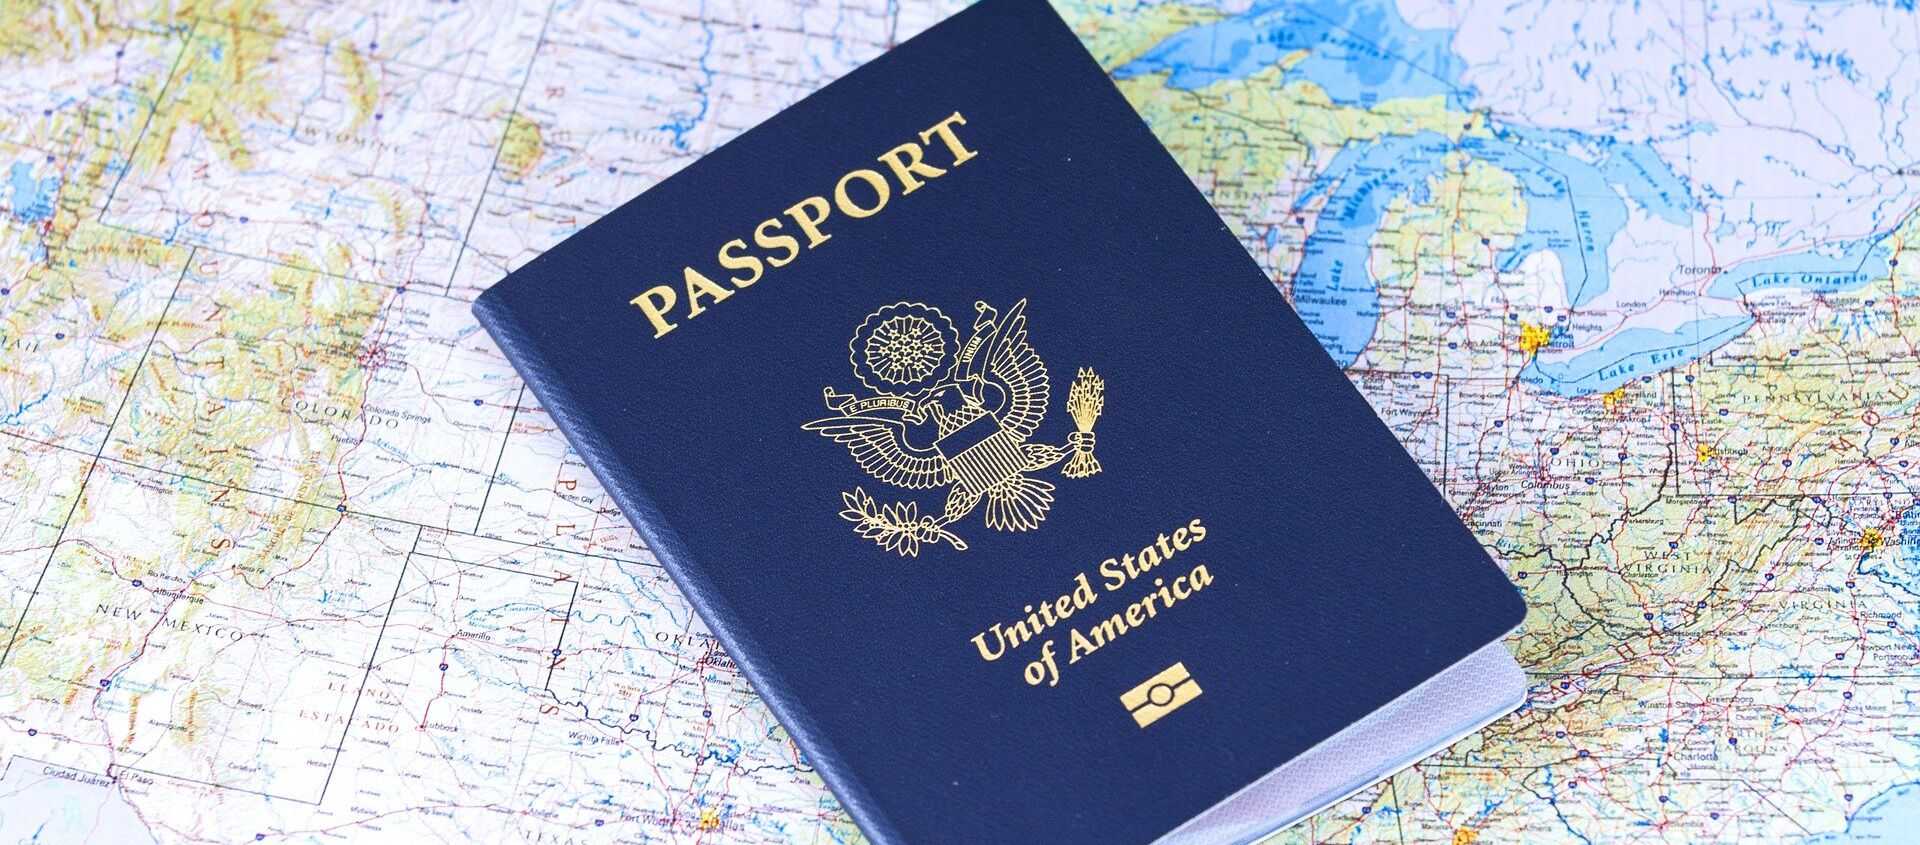 Pasaporte de EEUU - Sputnik Mundo, 1920, 01.02.2021